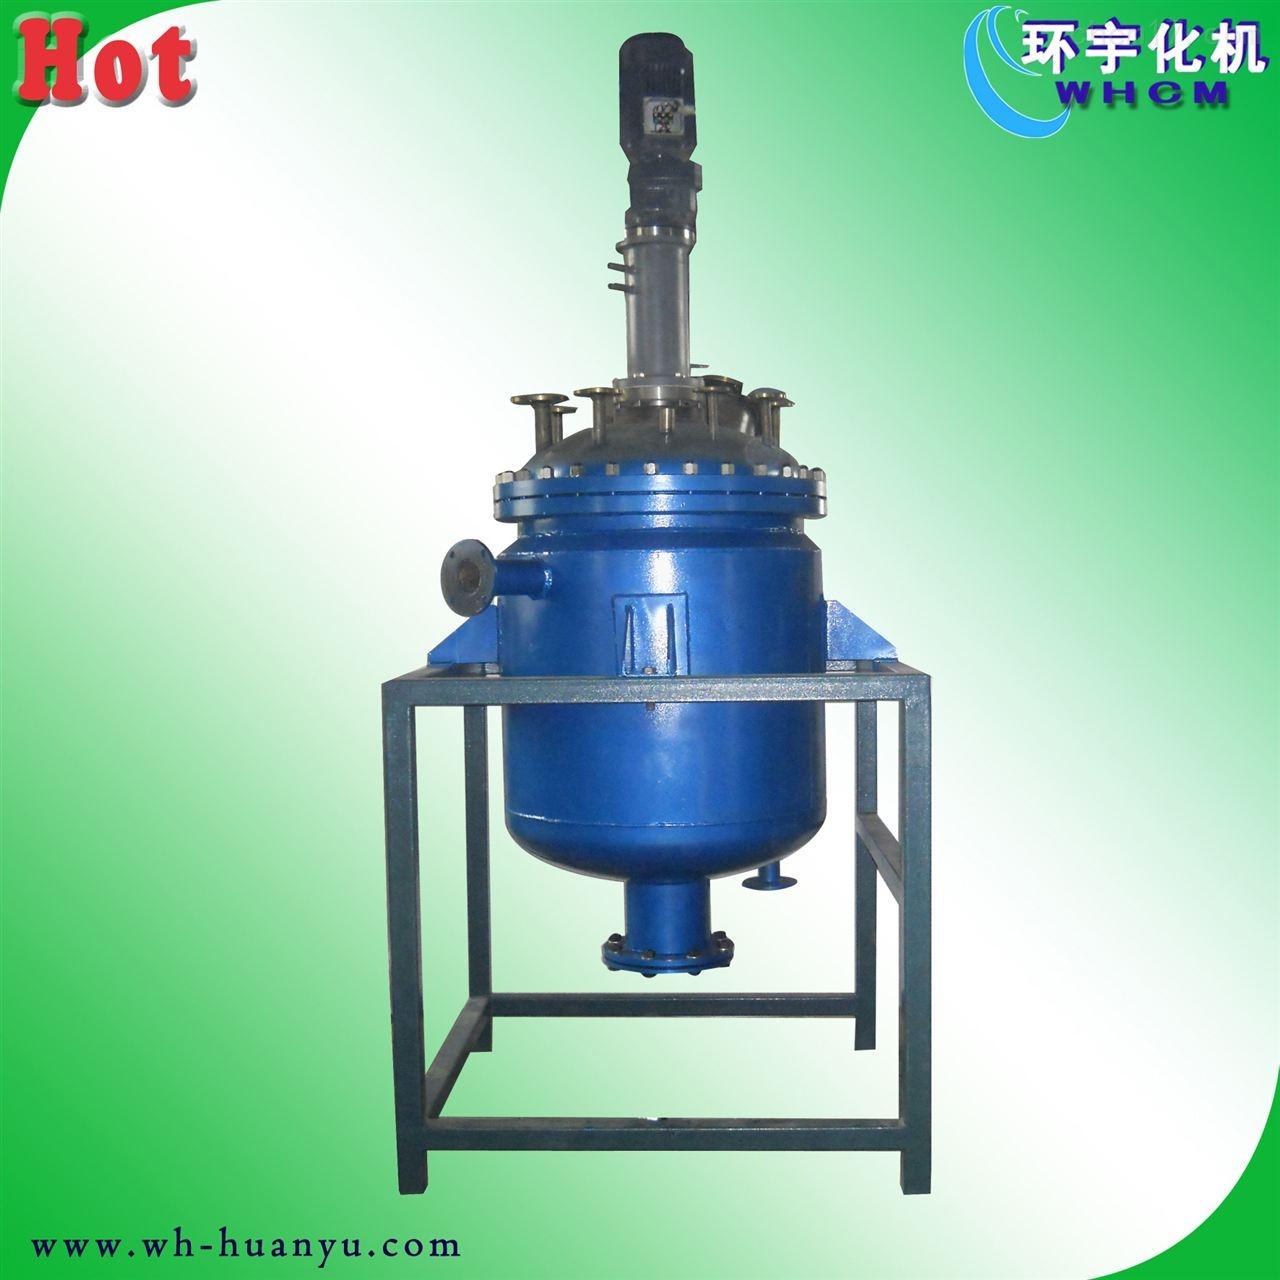 (1)加热炉,用来加热反应釜釜体